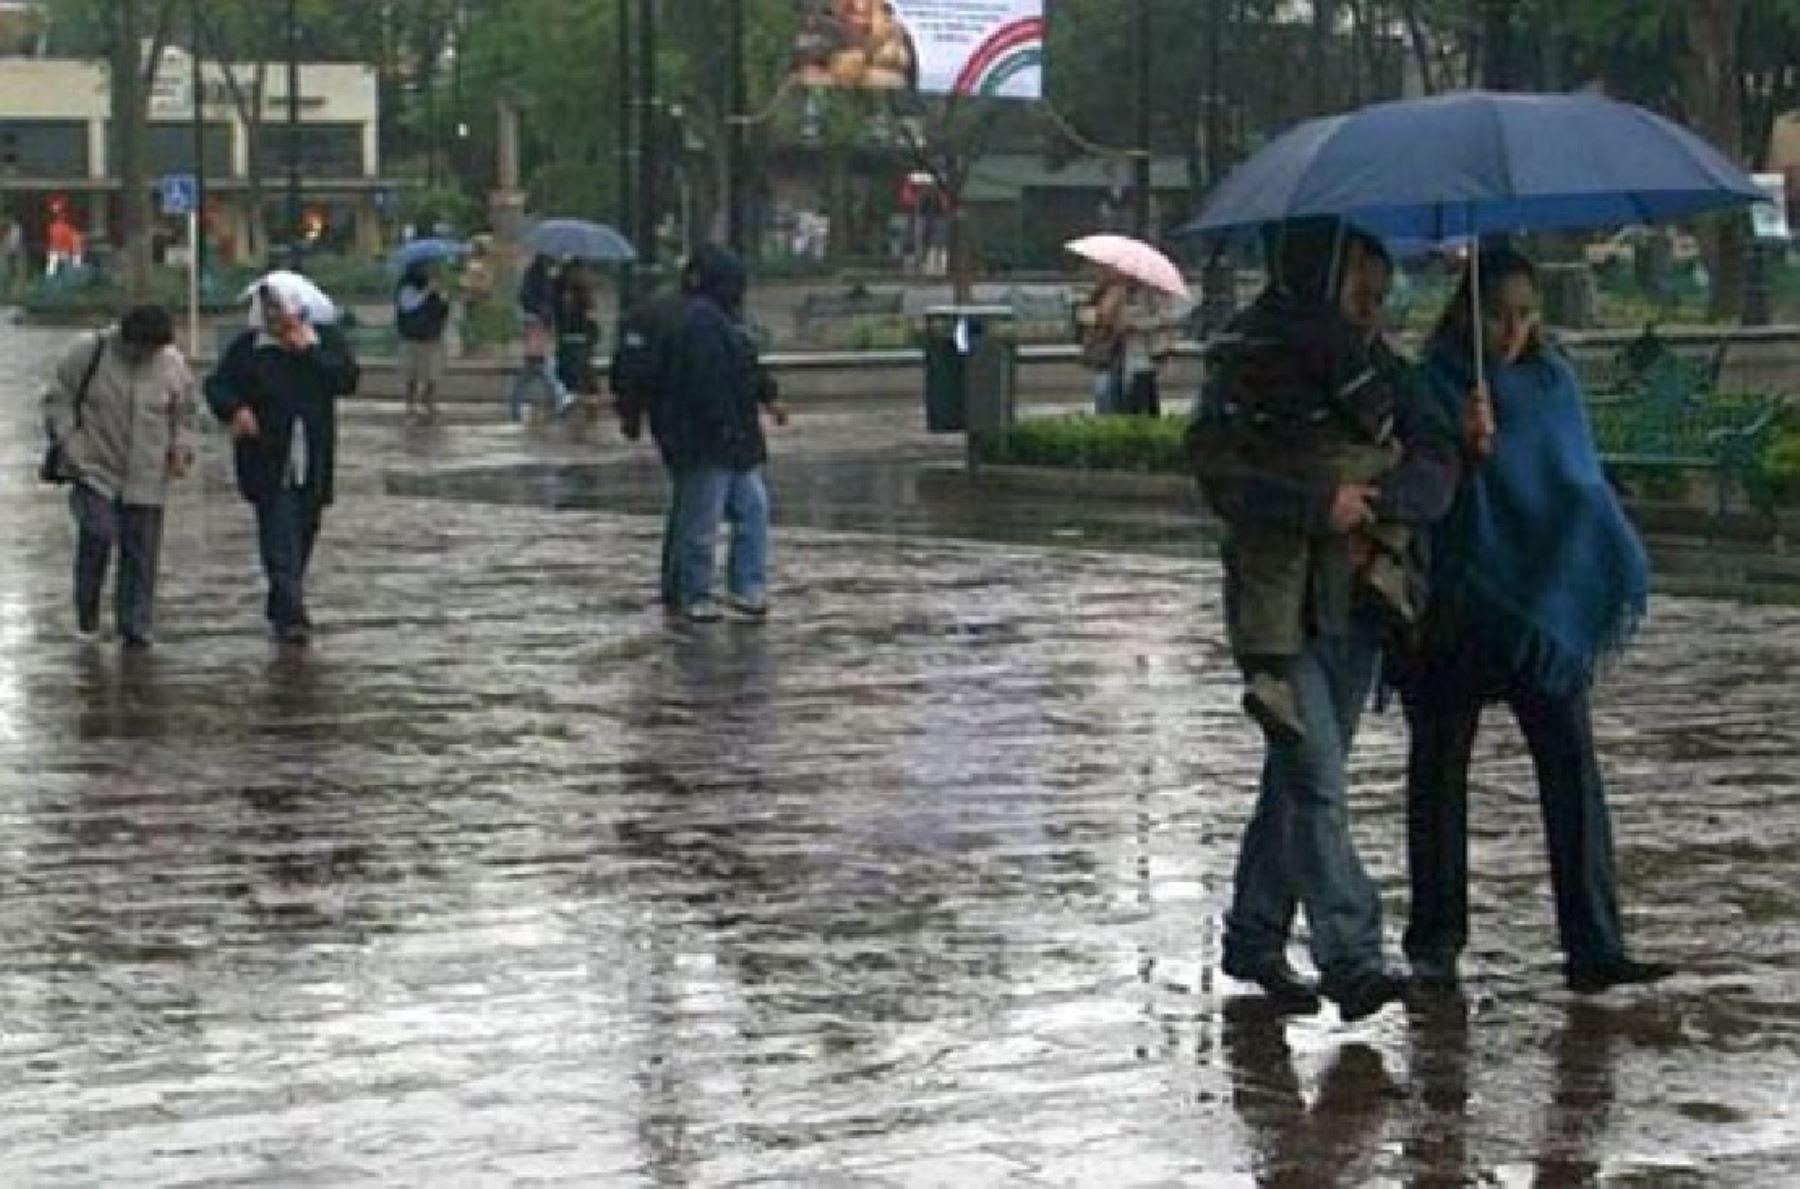 El pronóstico de lluvias para el período febrero-abril 2018 continúa indicando que el escenario más probable a escala nacional es de precipitaciones pluviales sobre los niveles normales en gran parte de la región andina y amazónica, informó el Senamhi. ANDINA/Difusión